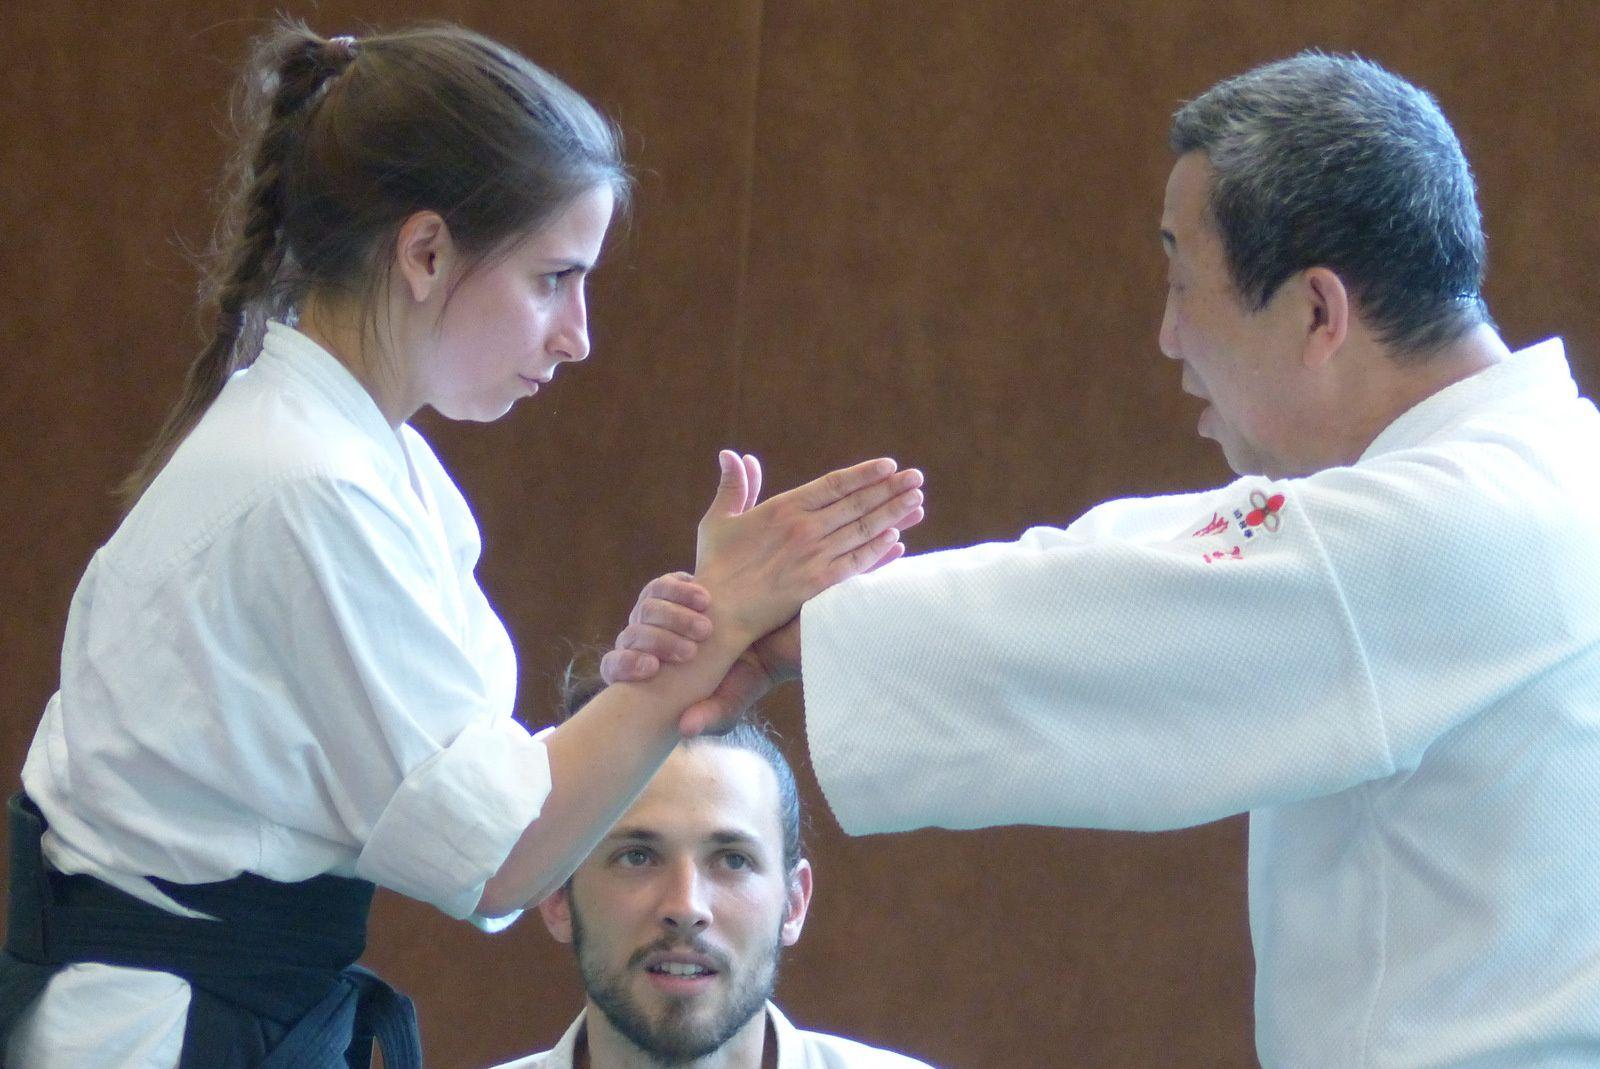 Blocage articulaire lors d'un exercice avec Takeshi Kawabe (auteur : Aïki-kohaï)